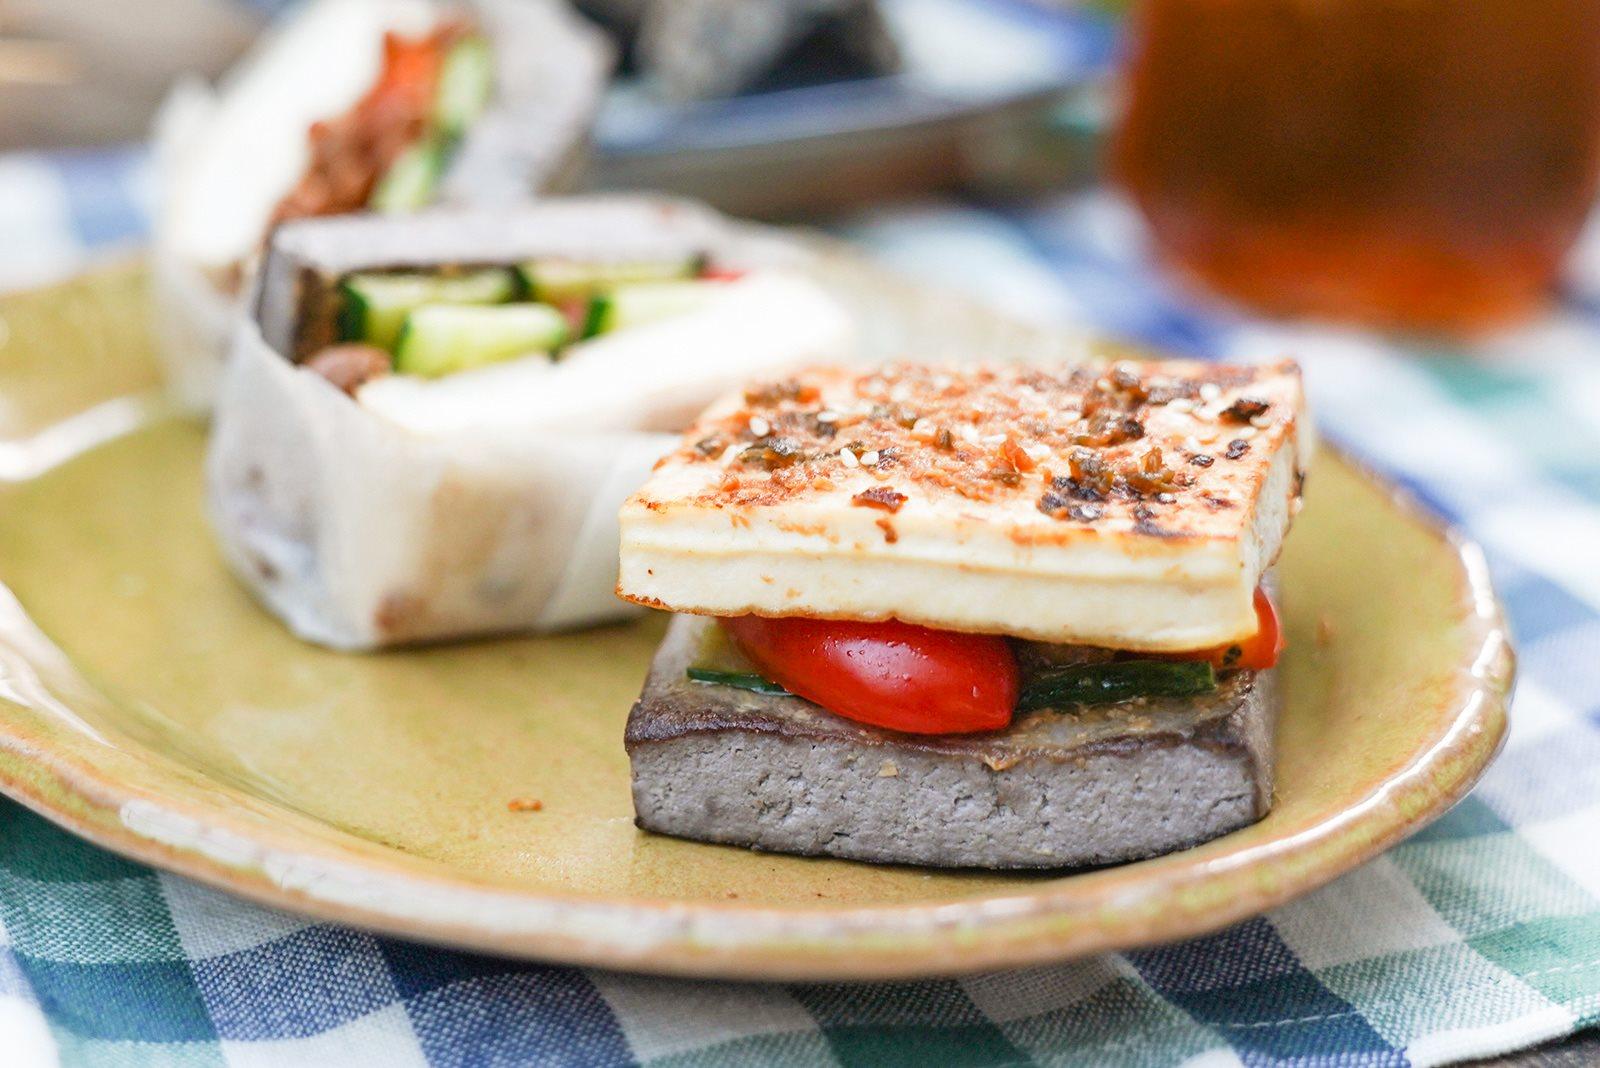 中秋烤肉的人氣開胃小點,辛味噌烤豆腐蔬果三明治|禾乃川小廚房